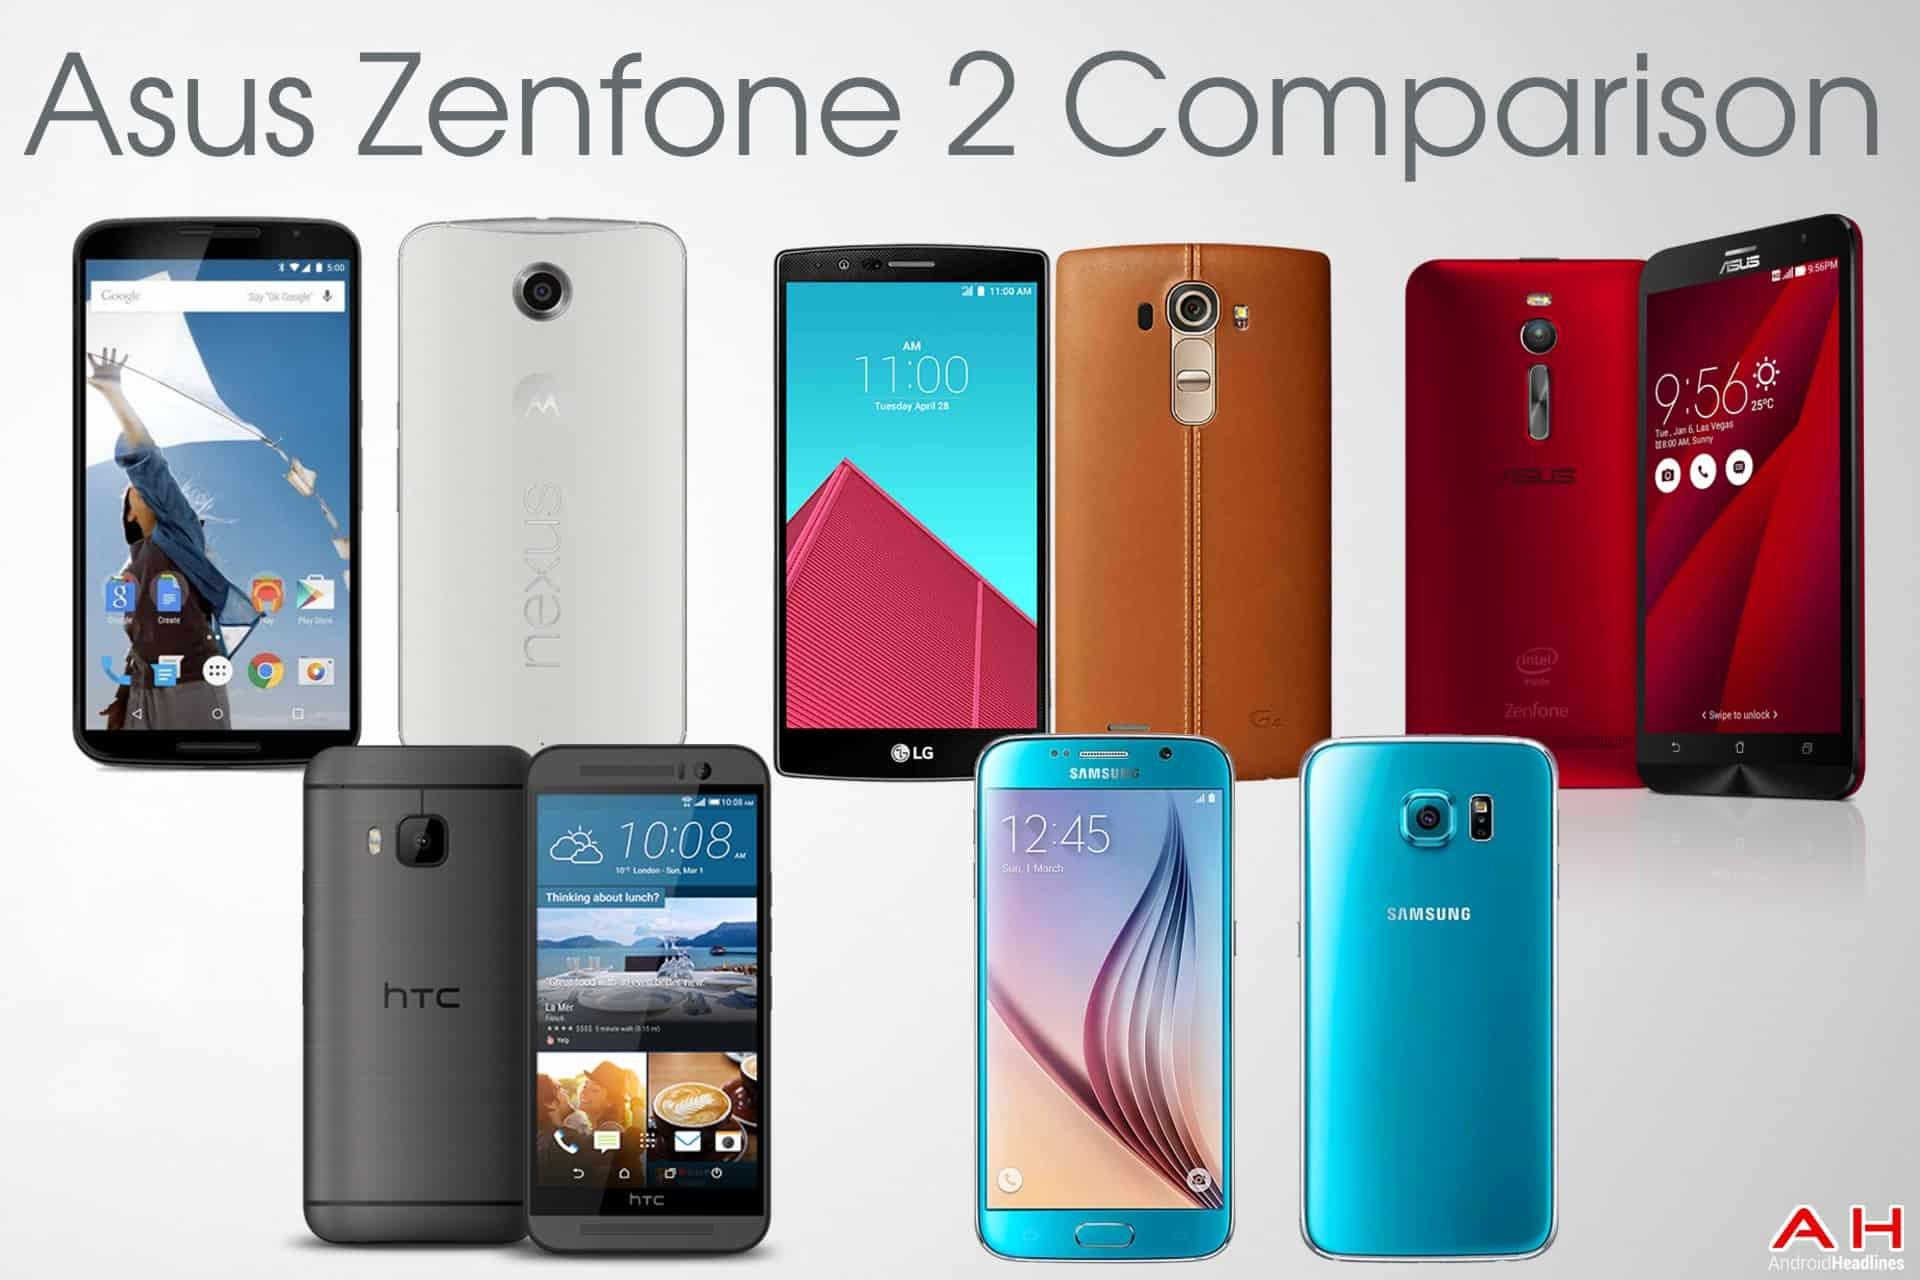 Samsung galaxy note 5 vs htc one m9 plus a comparison - Comparison Asus Zenfone 2 Vs Nexus 6 Vs Htc One M9 Vs Lg G4 Vs Samsung Galaxy S6 Edge Androidheadlines Com